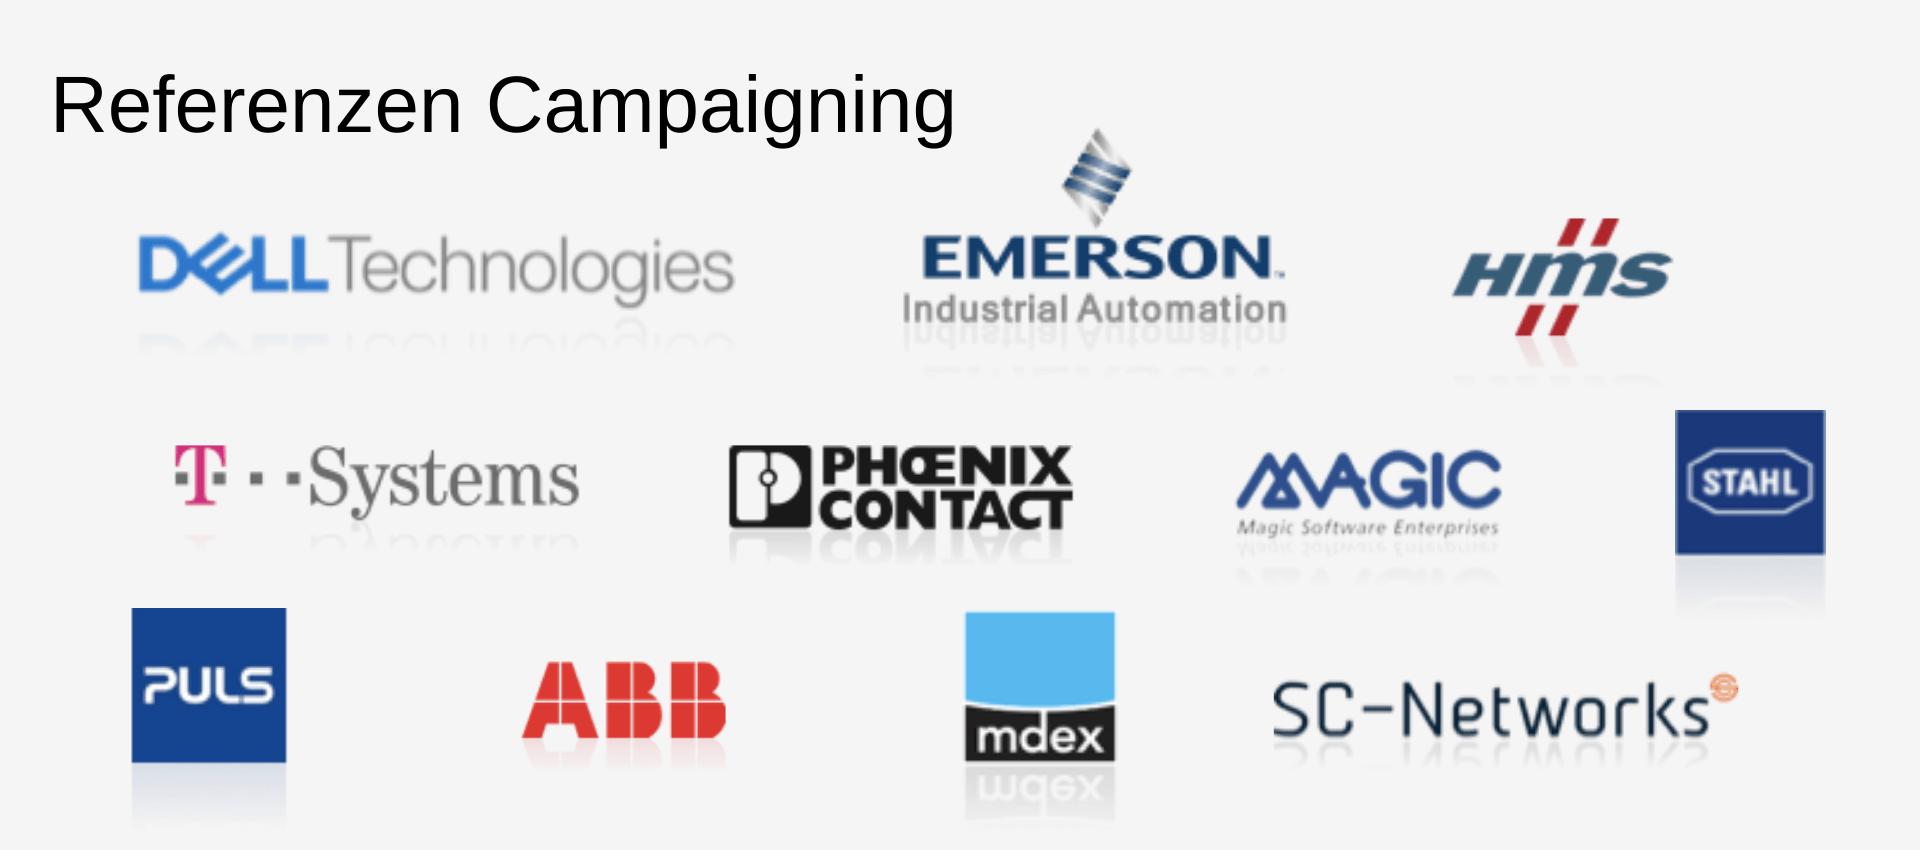 Referenzen Campaigning